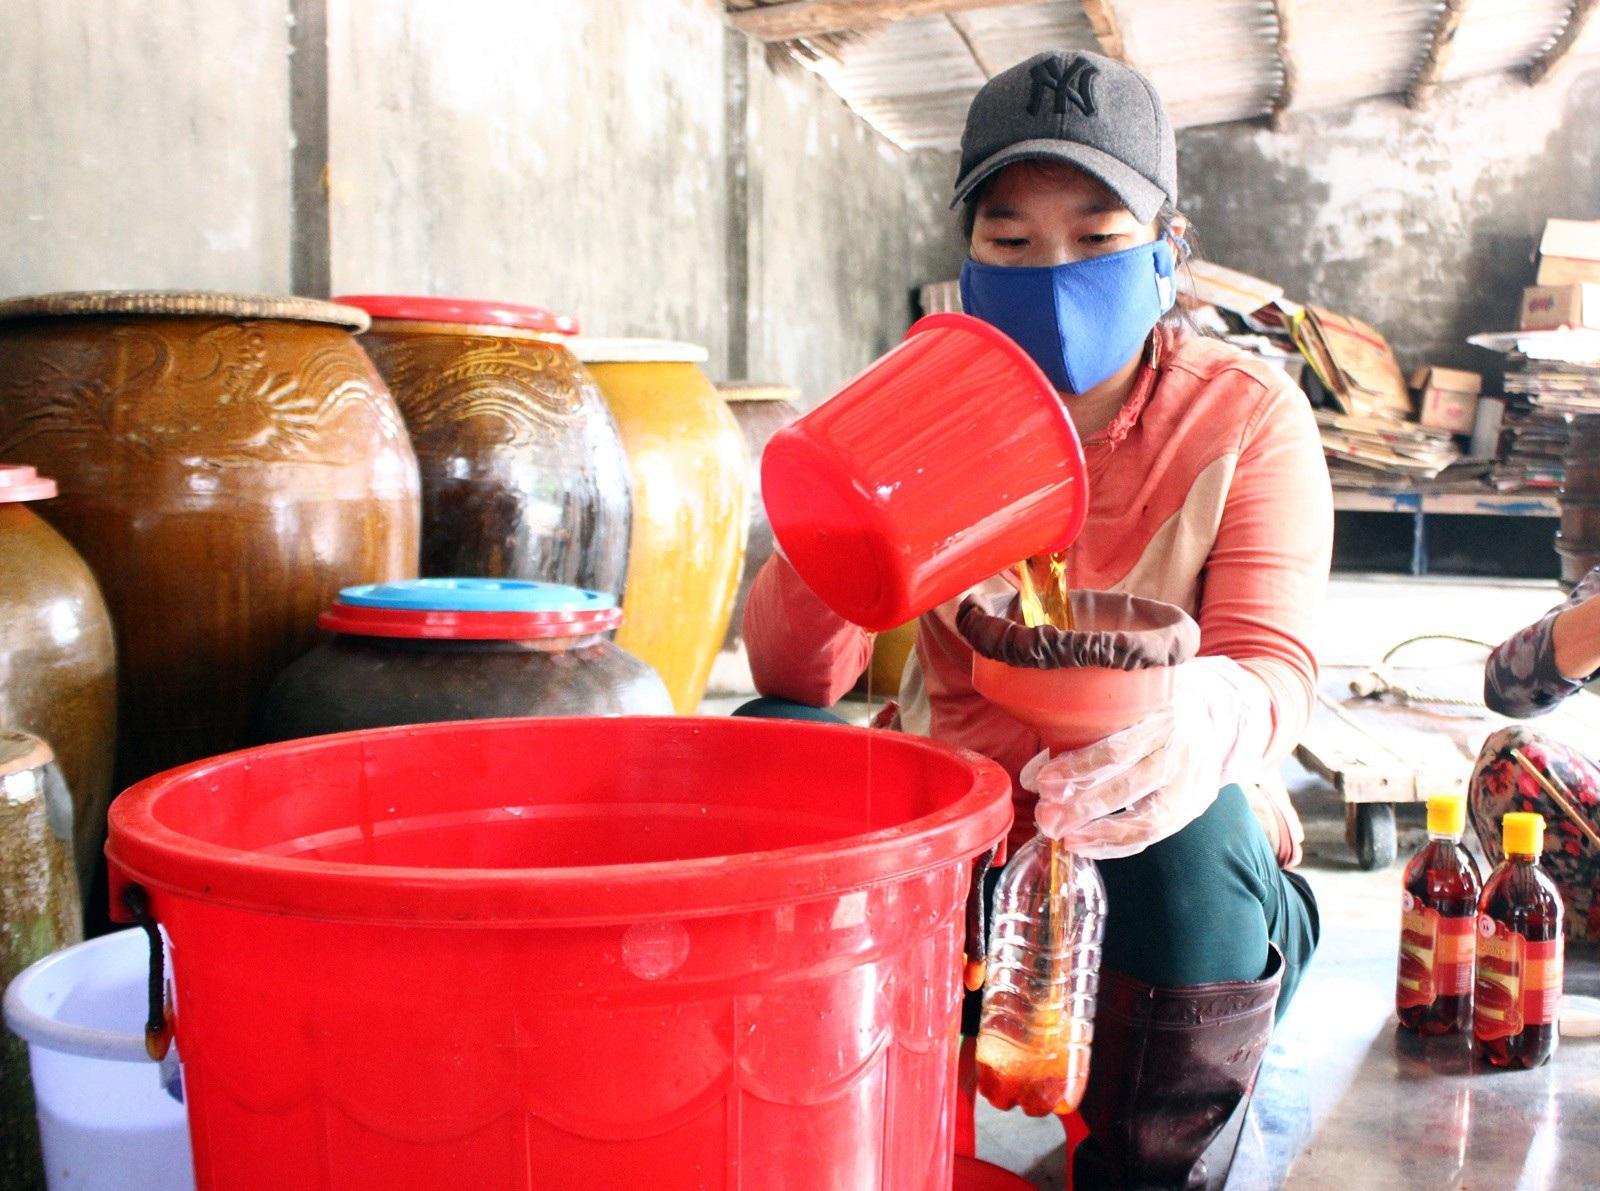 Giáp Tết: Làng nghề nước mắm Phú Yên nhộn nhịp vào vụ - Ảnh 4.